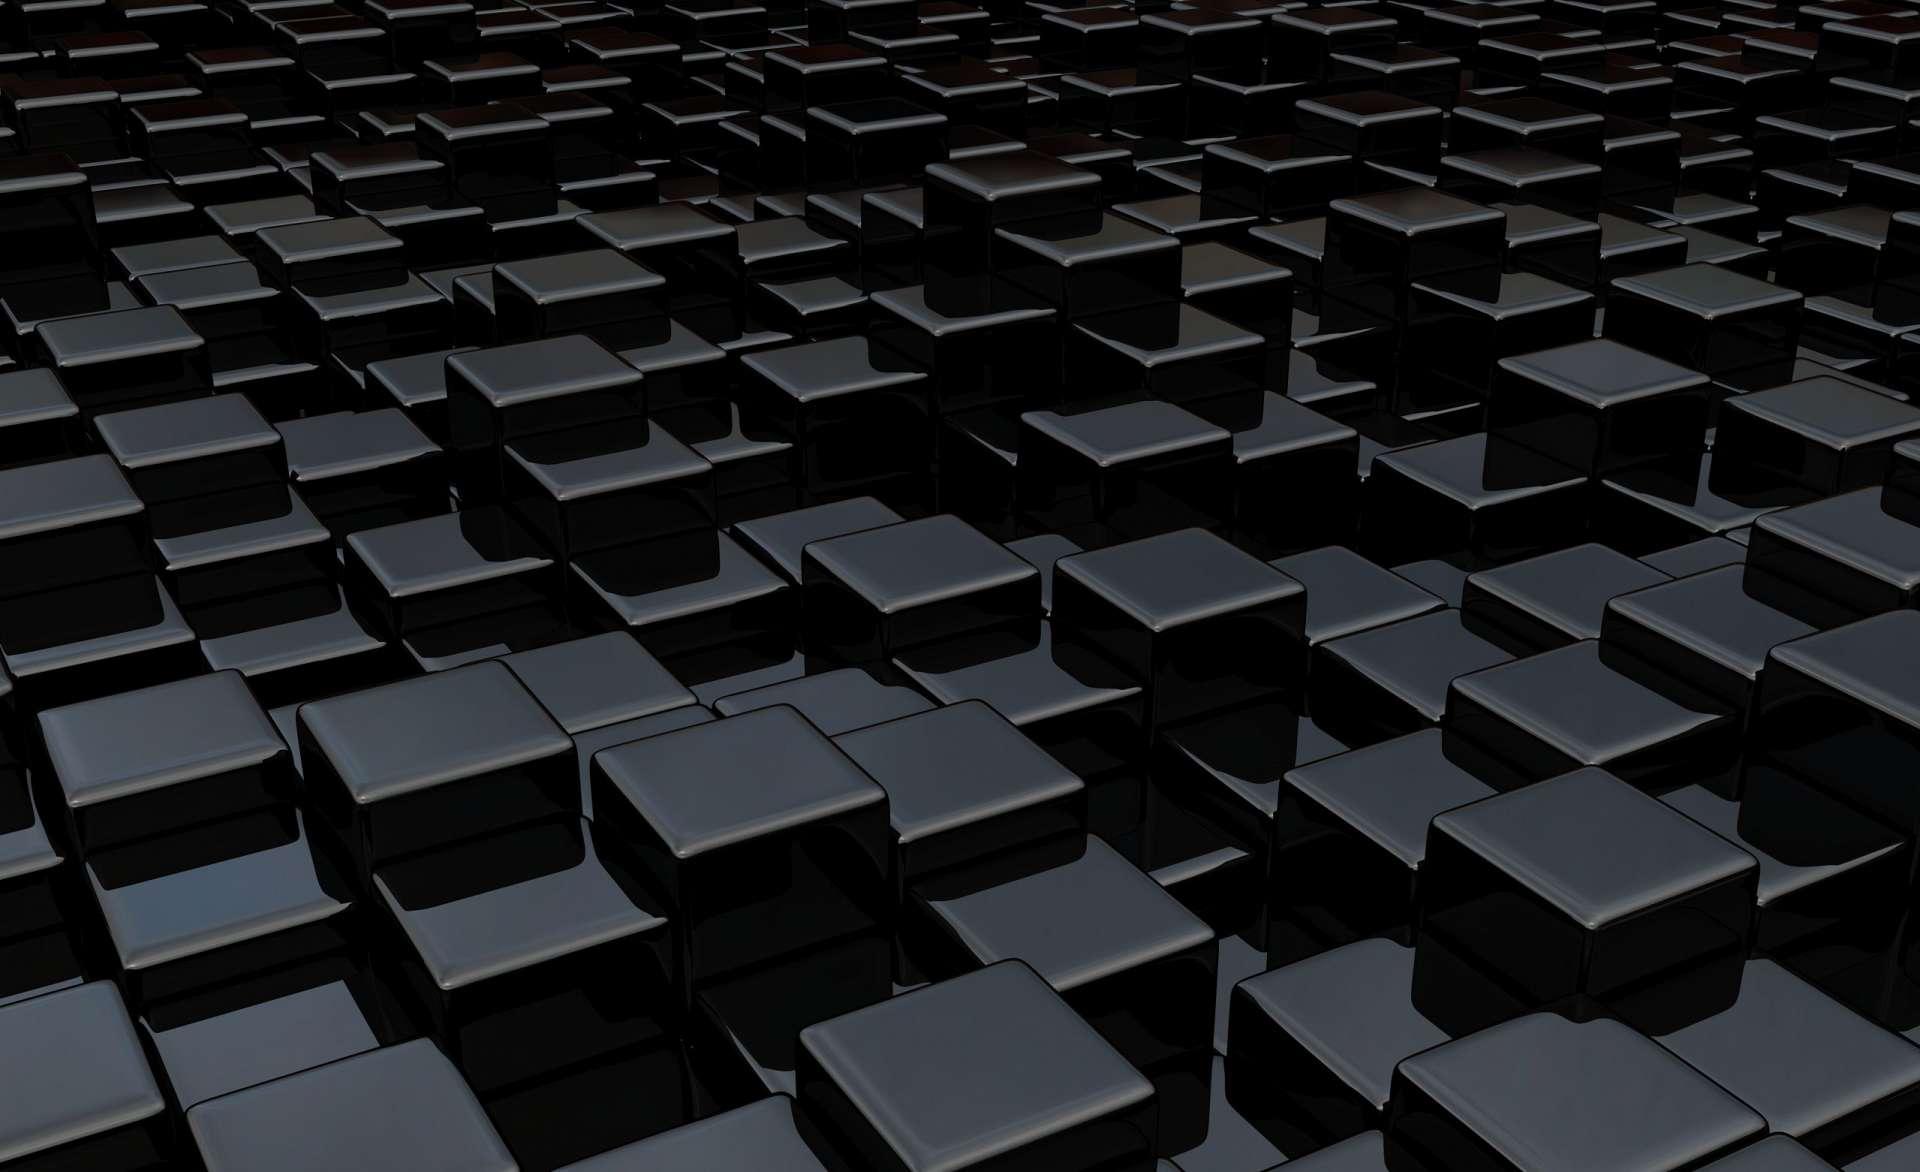 картинка для рабочего стола черные кубы спасибо